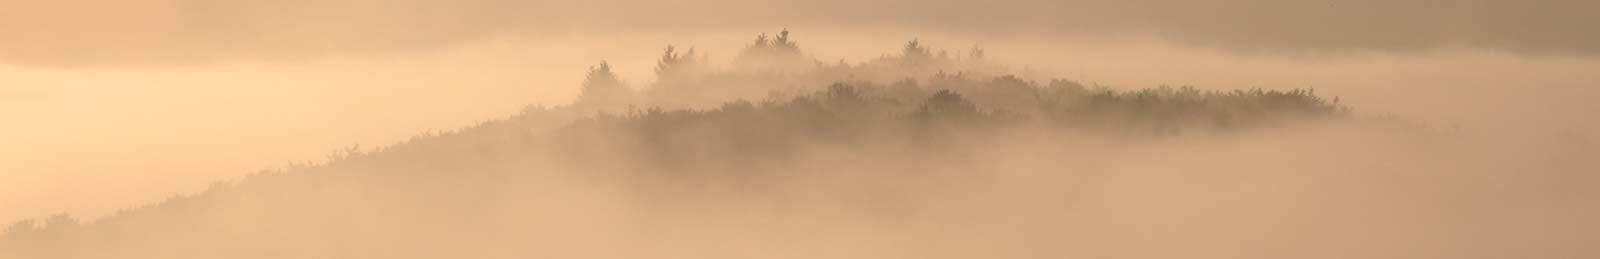 Achtsamkeit, eine-Spurensuche - Bewaldeter Hügel im Nebel.